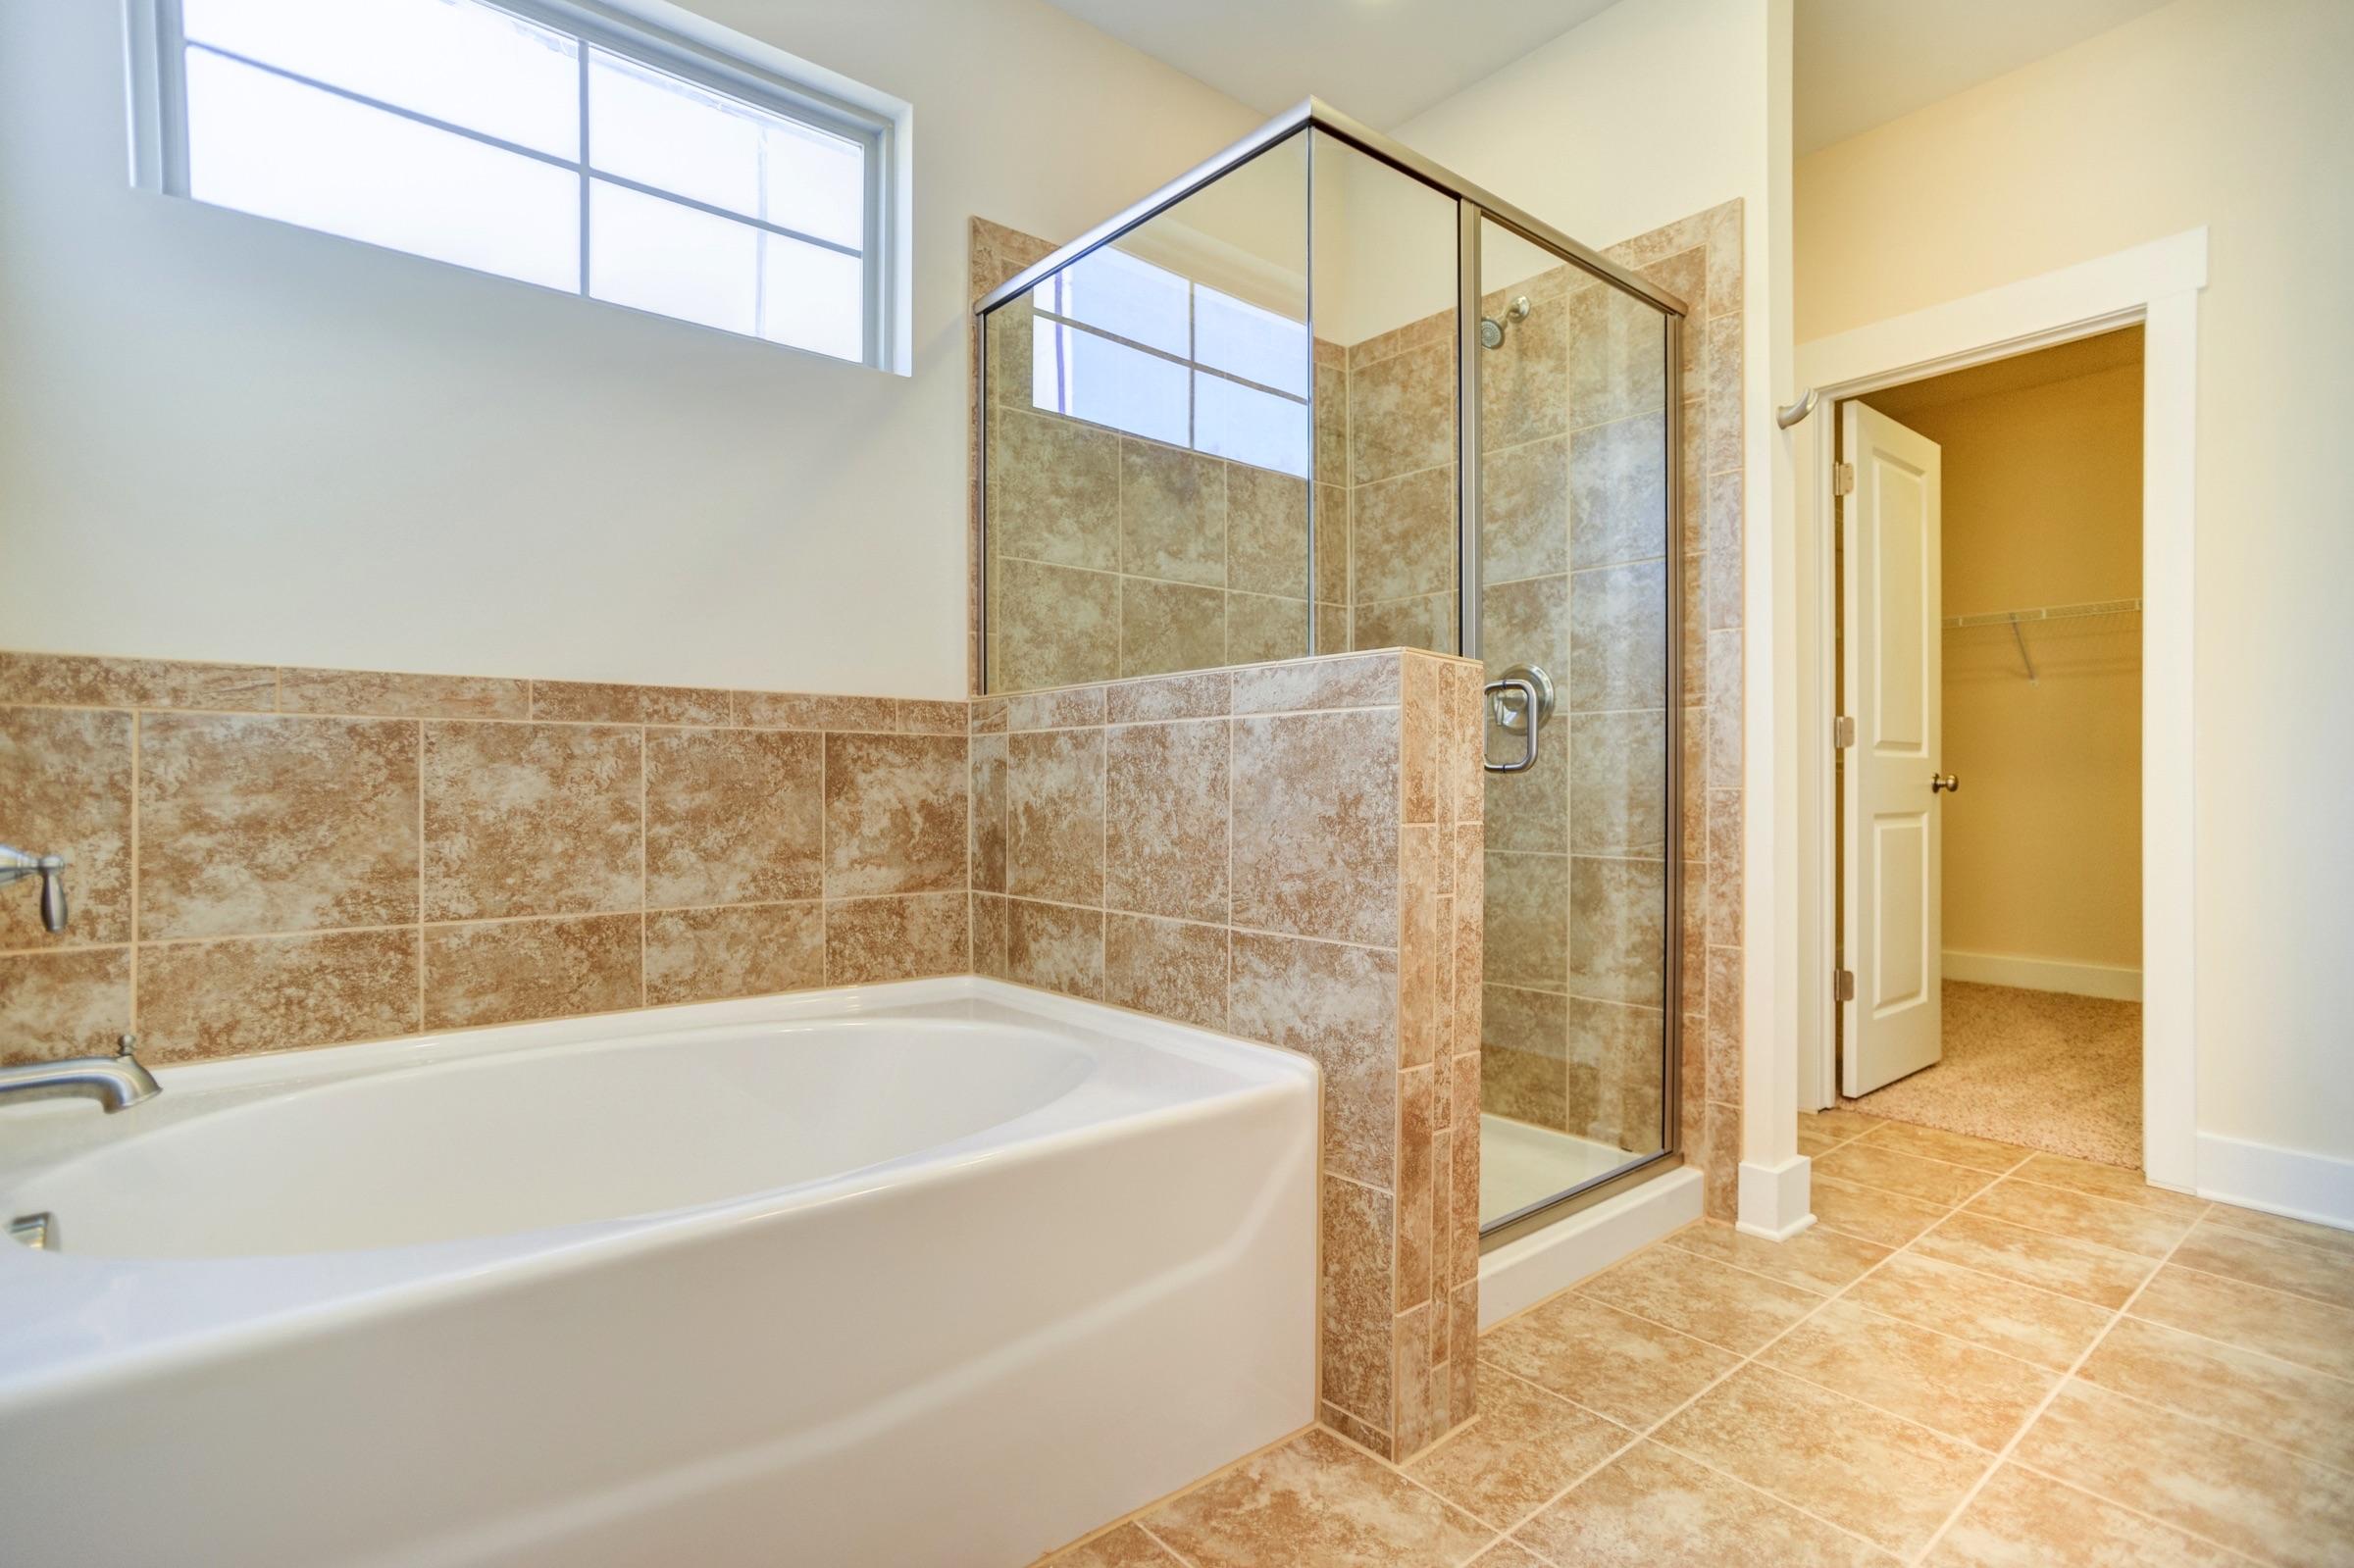 dogwood-tub-shower-surround